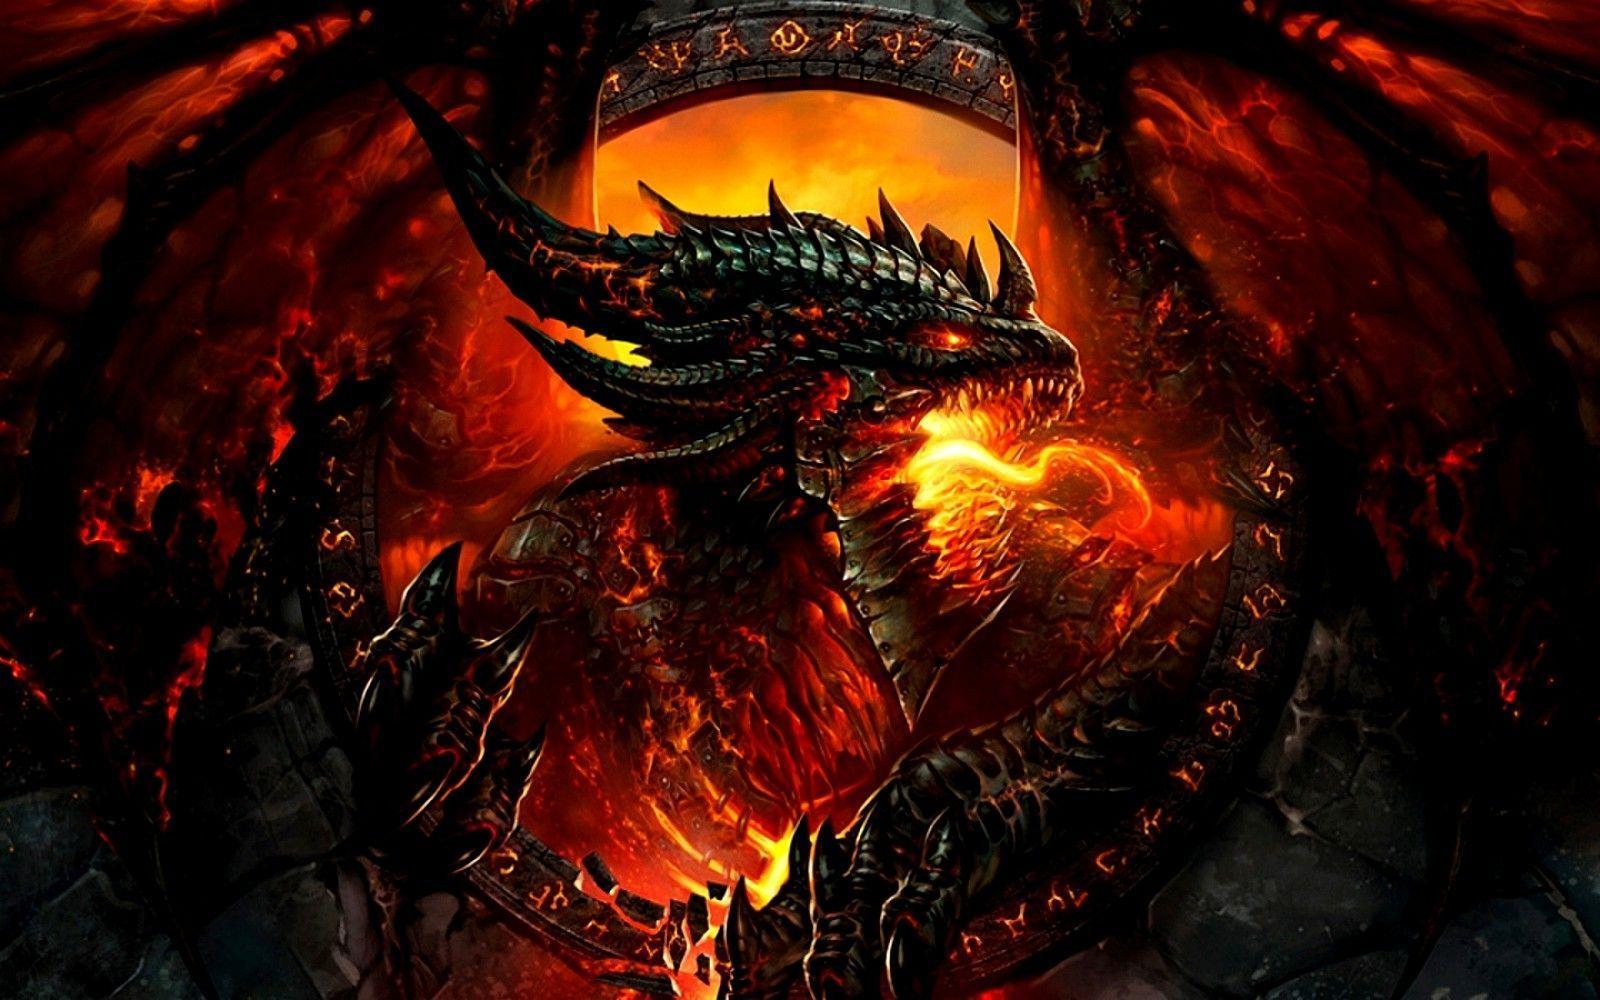 3d-Dragon-Cave-wallpaper-wp340156